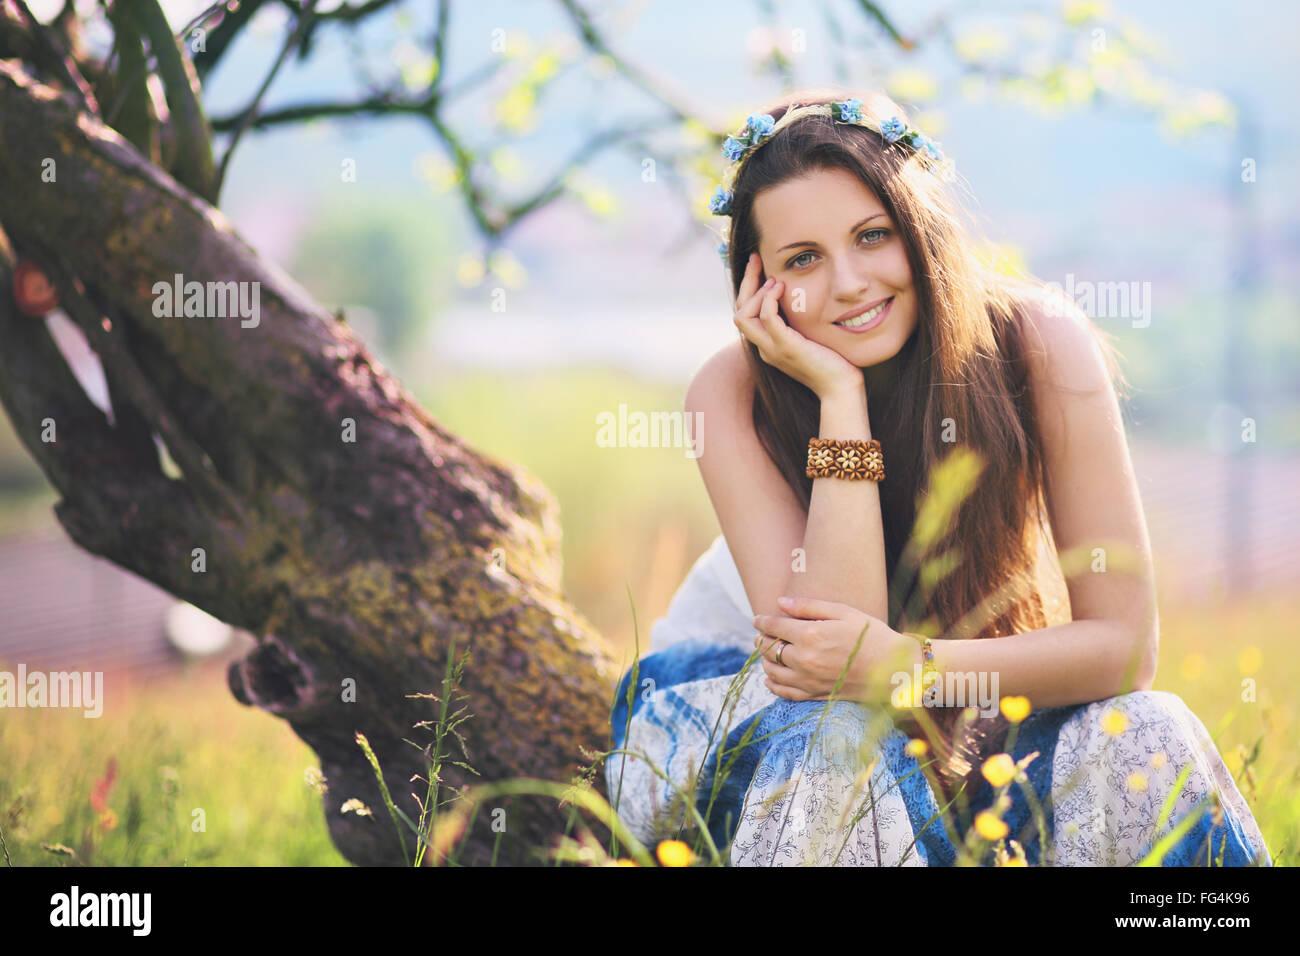 Lächelnd und fröhliche Frau Frühlingswiese. Natur und Harmonie Stockbild